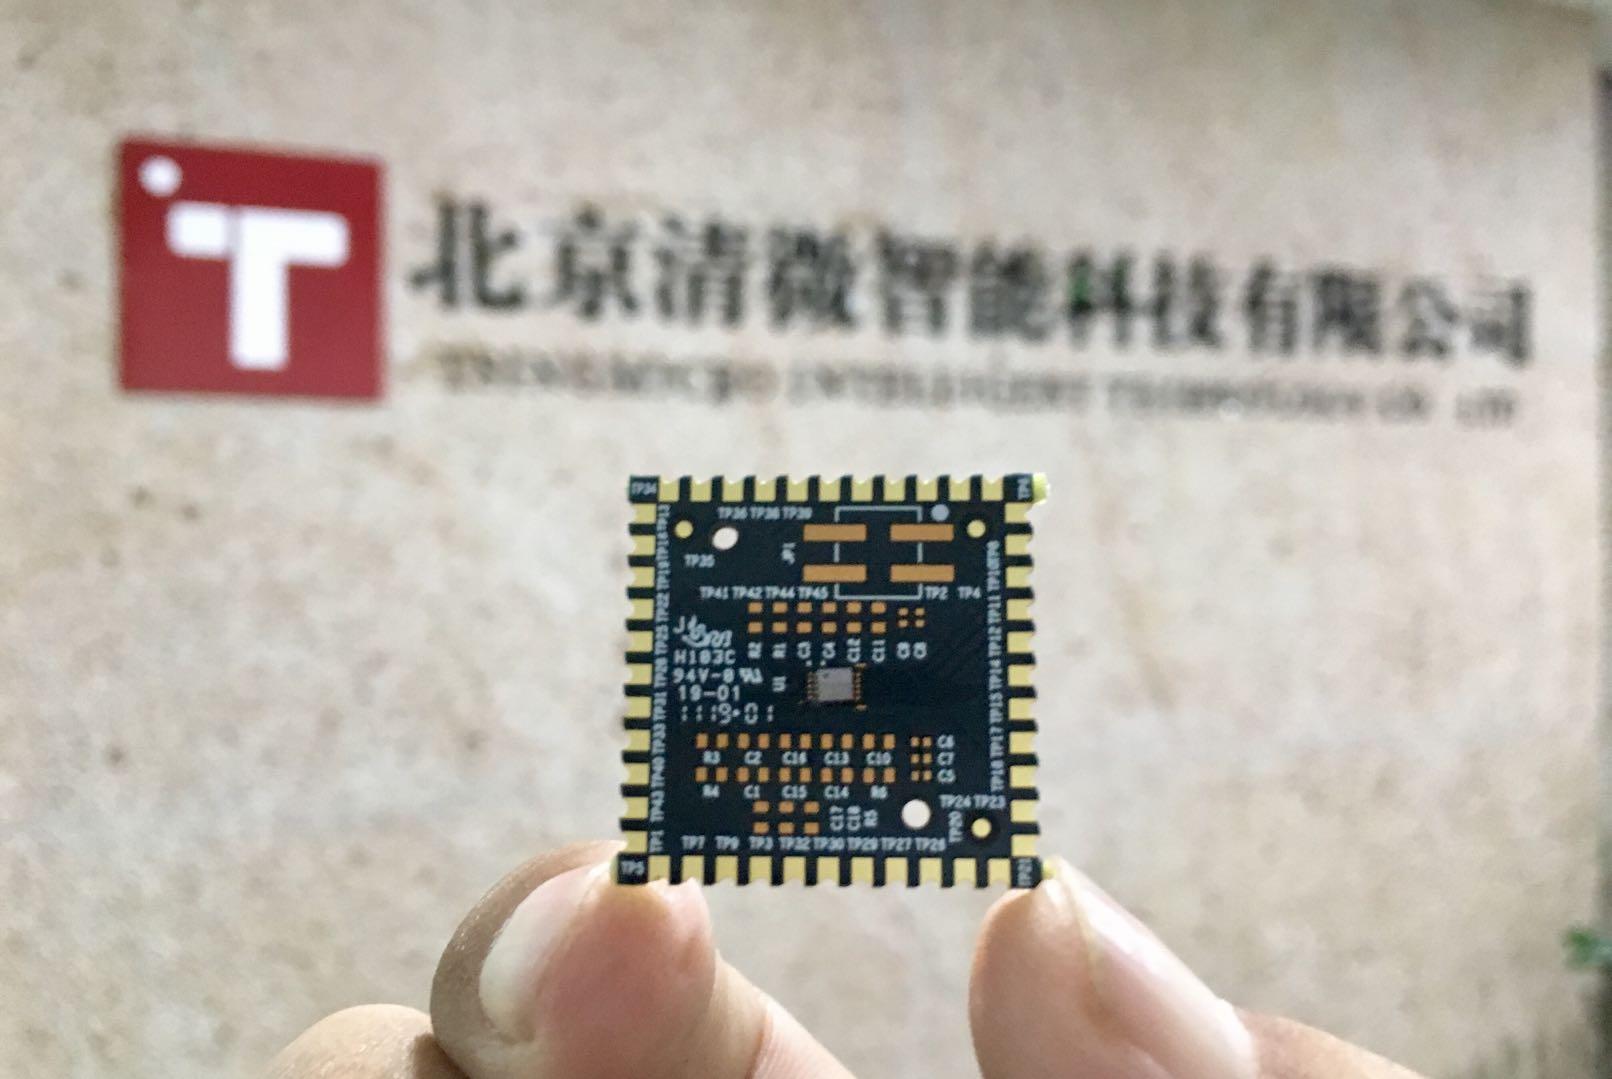 清微智能王博:市场驱动下,可重构技术的商用化之路已经显现